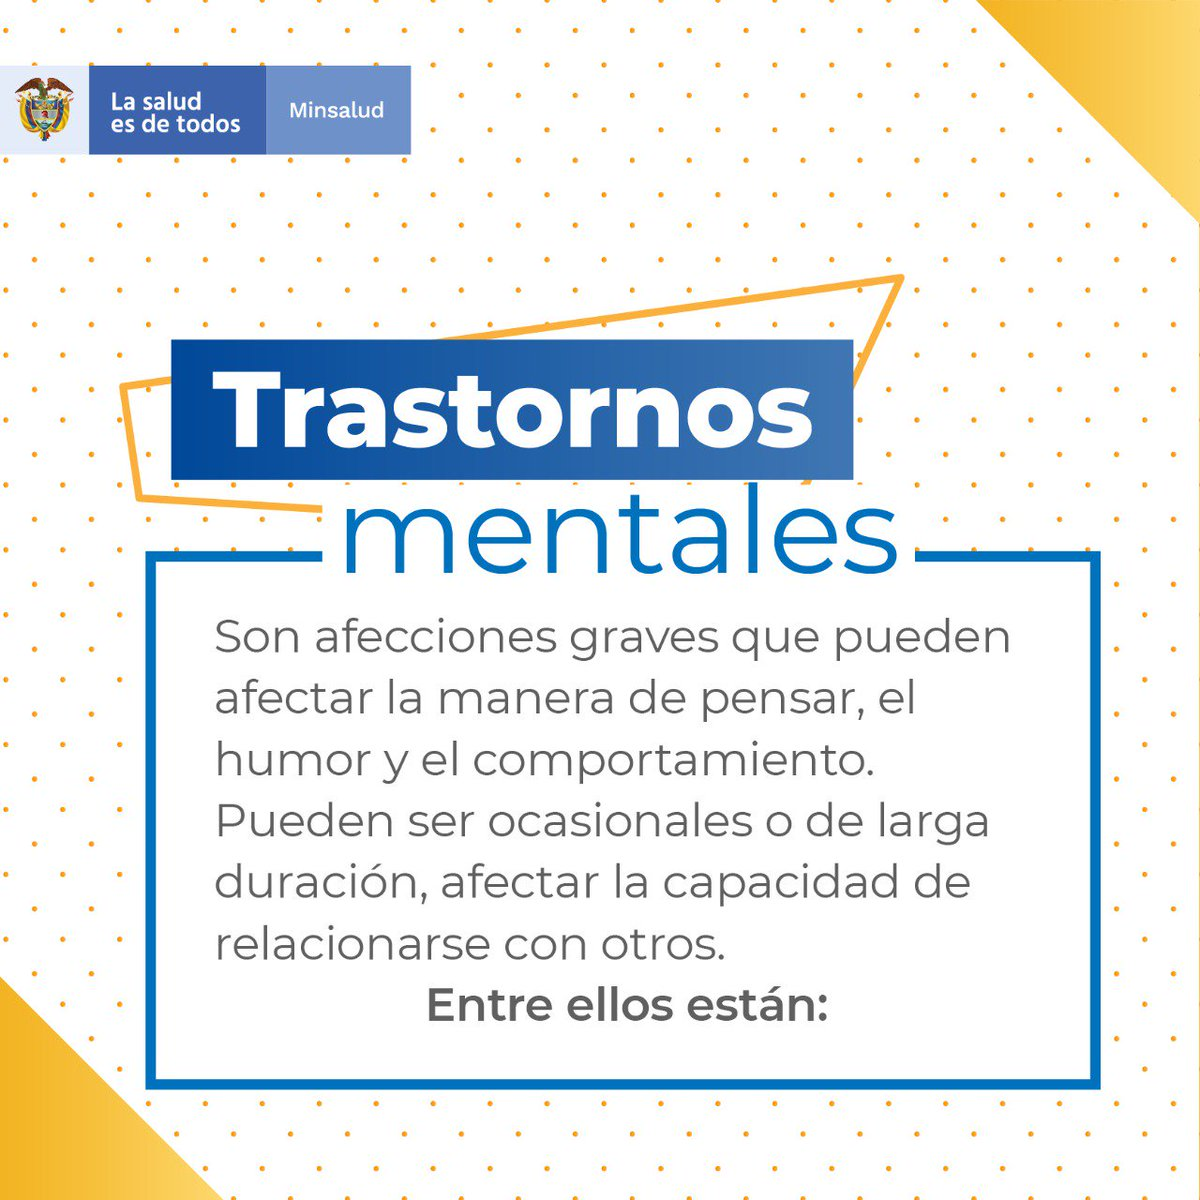 Es importante que sepamos qué es un trastorno mental y cuál puede estar afectándonos. #HablemosDeSaludMental y fomentemos su promoción y prevención. 👉http://bit.ly/2VfbDVX #Santander